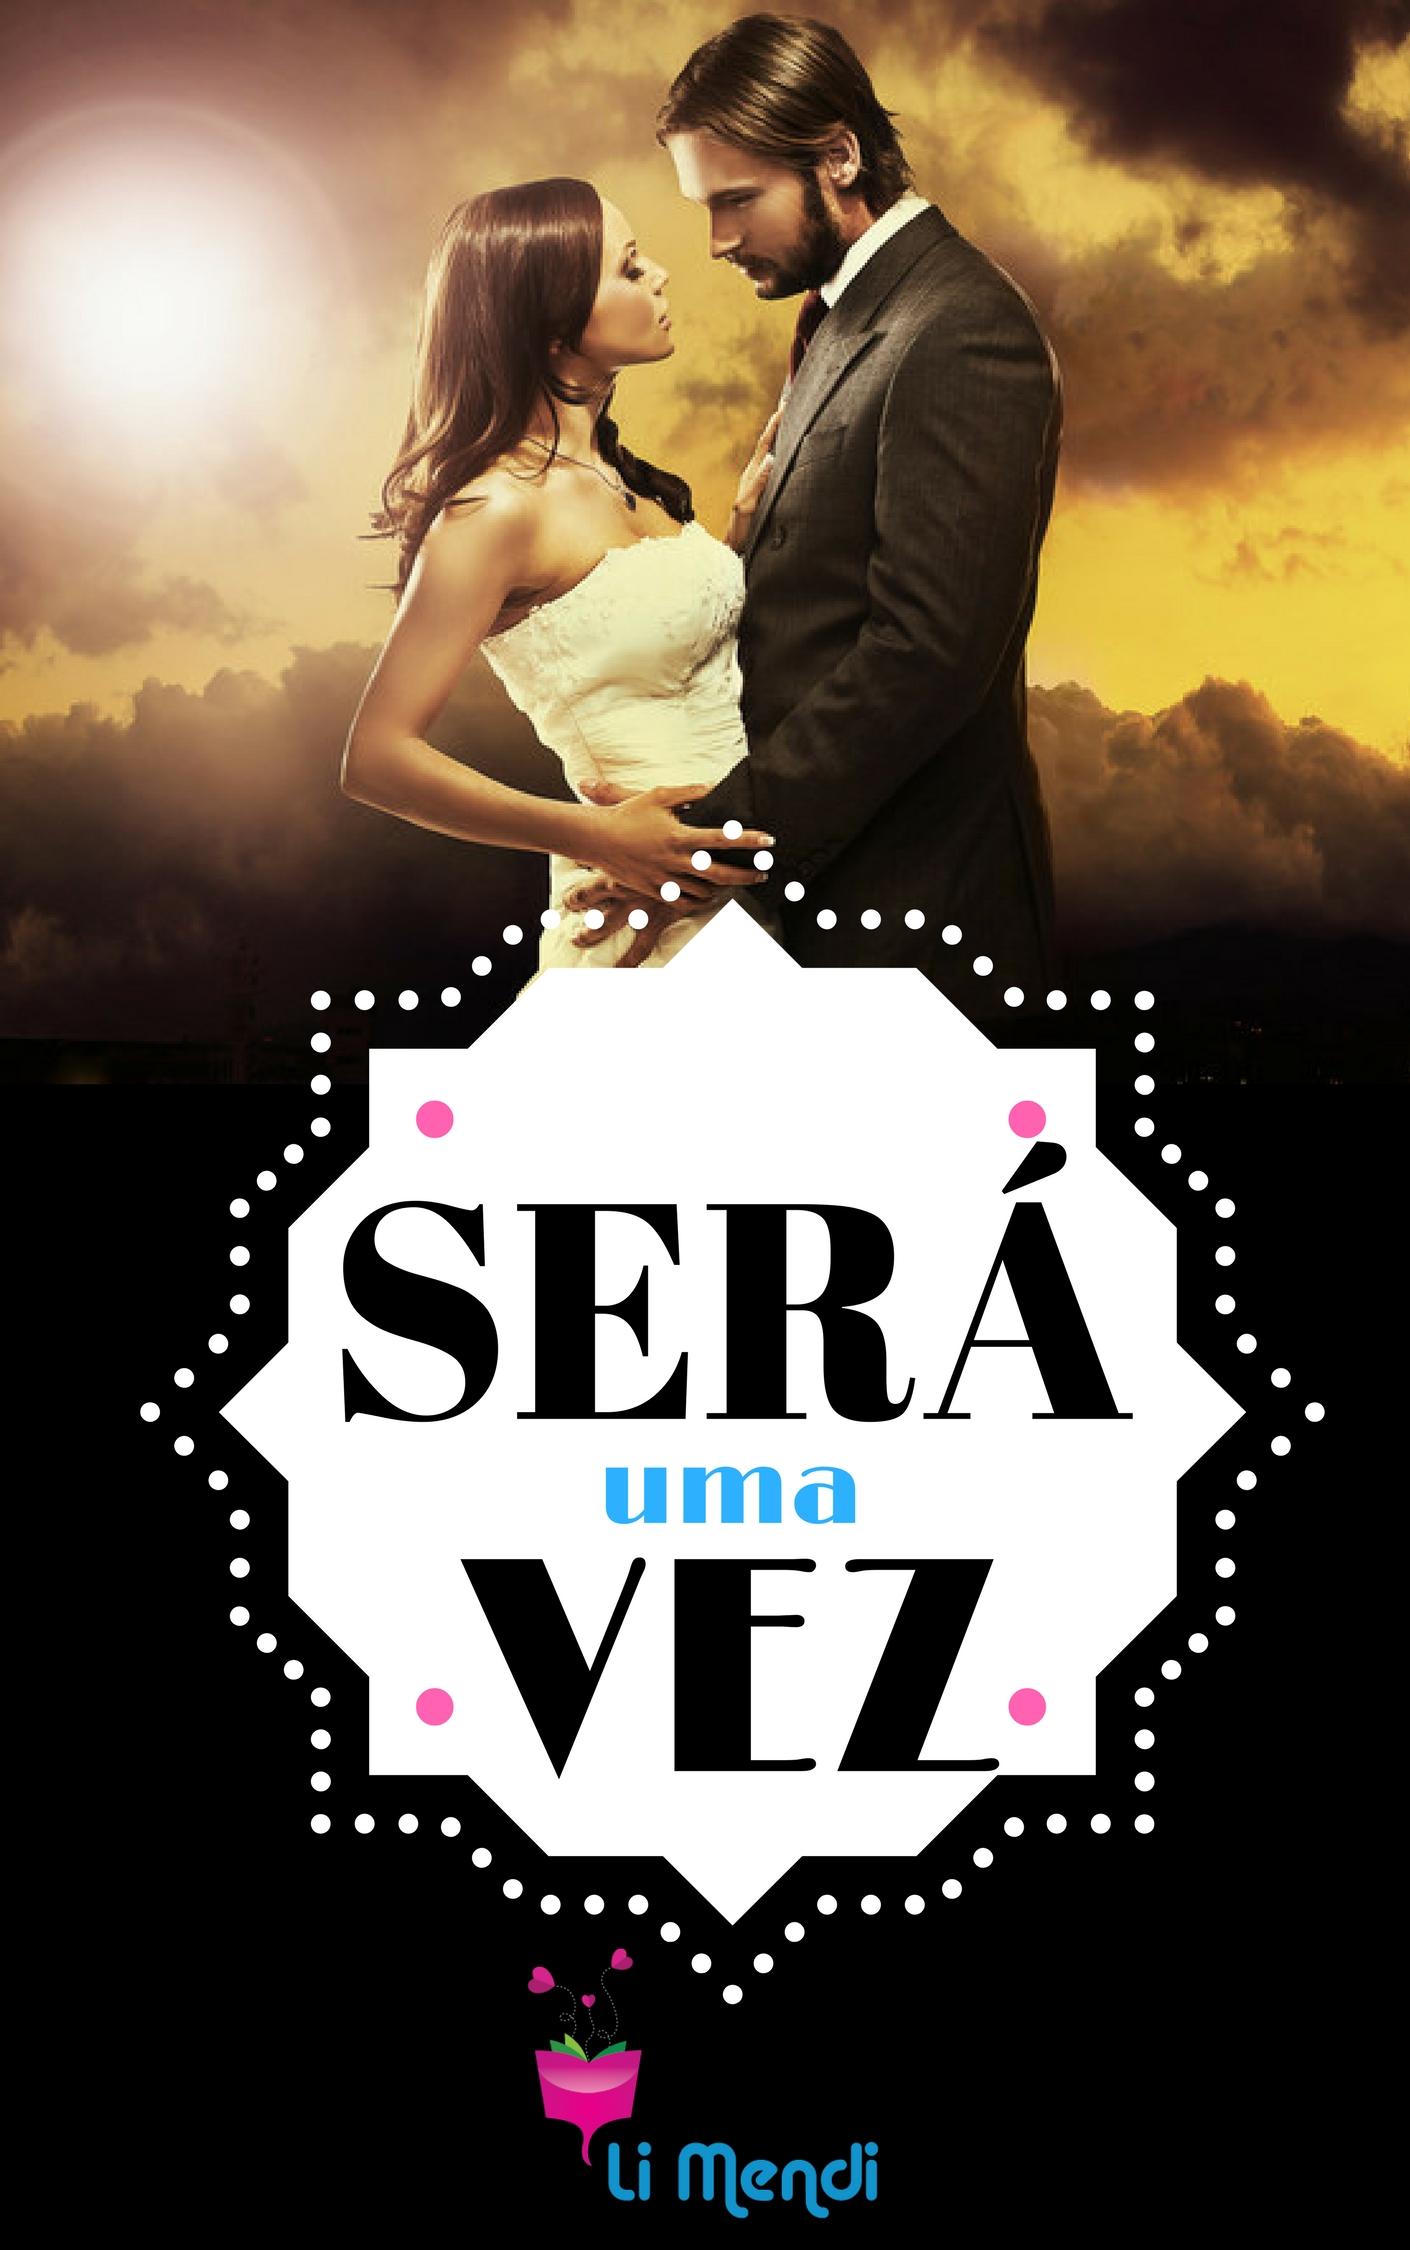 Livro Será uma vez , Romance, Comédia Romântica, E-book Amazon, Autora Li Mendi